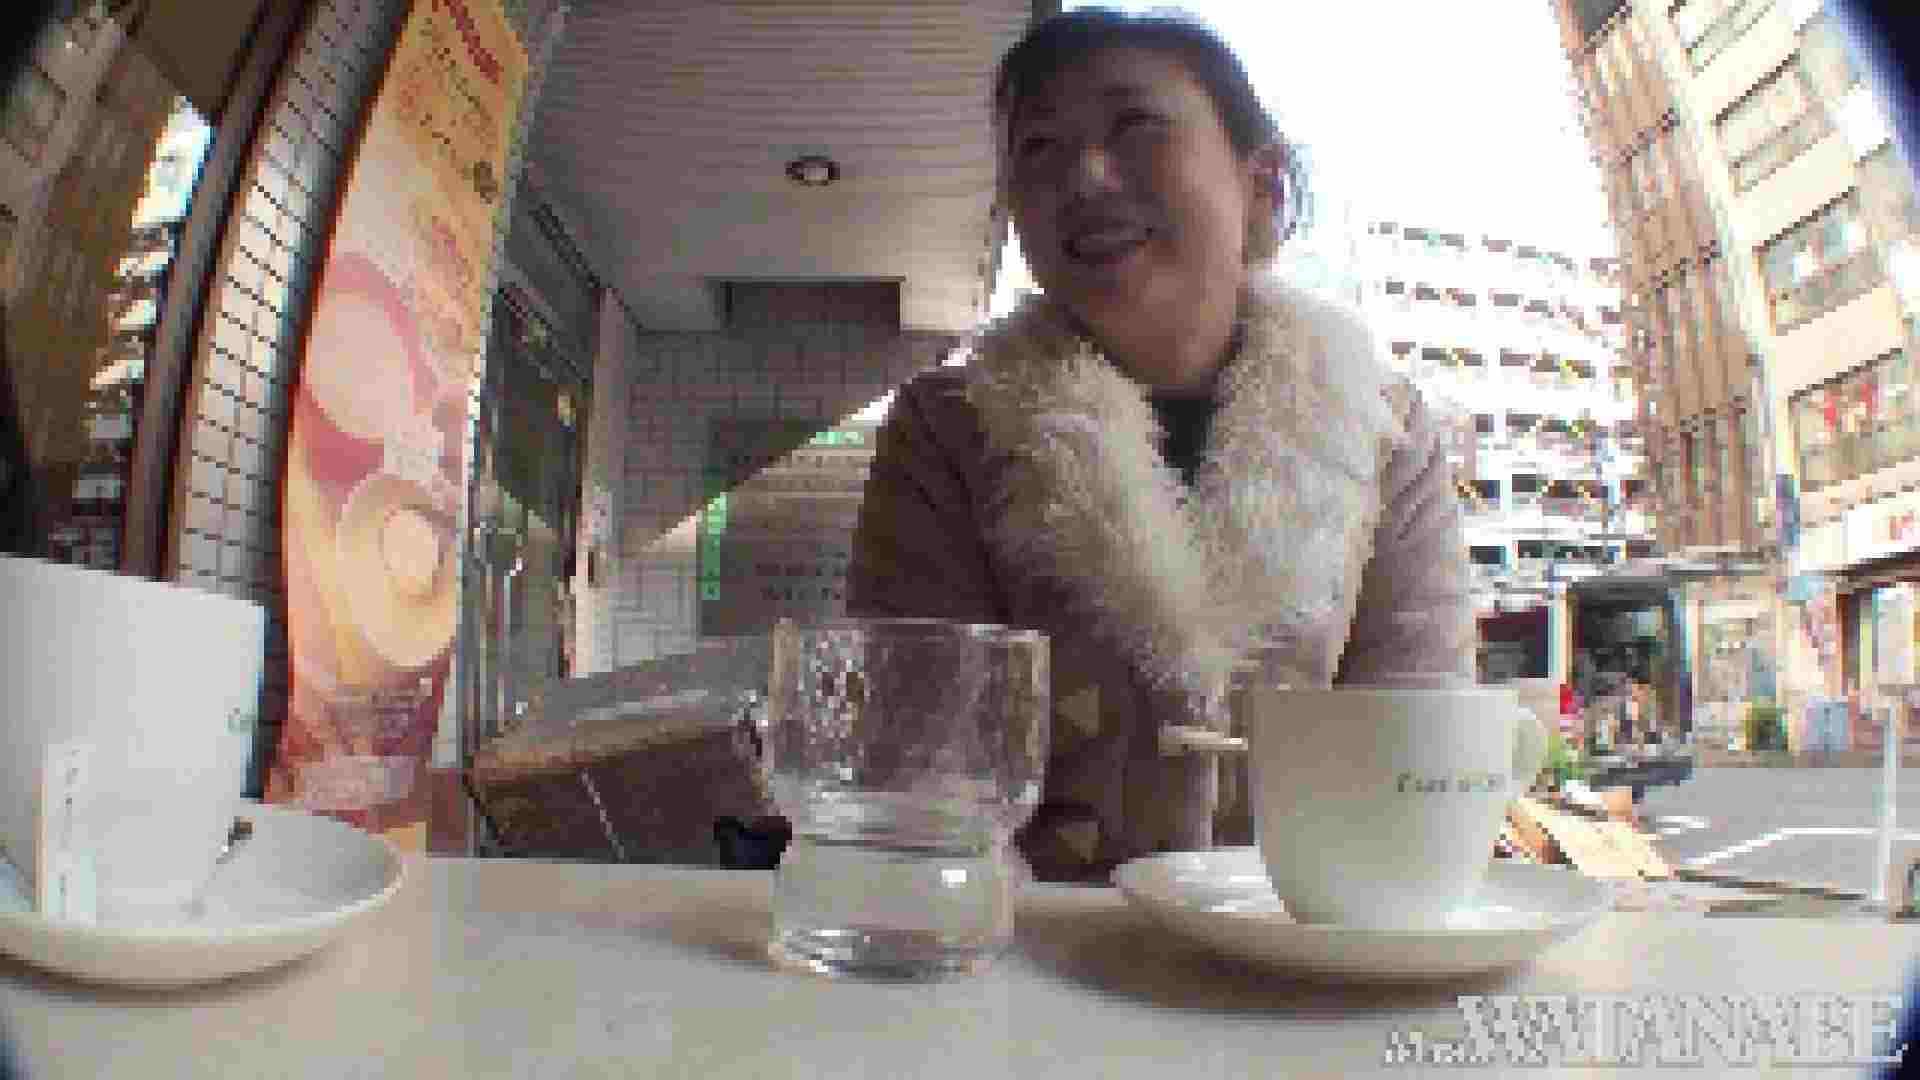 撮影スタッフを誘惑する痴熟女 かおり40歳 Vol.01 OLのエッチ オマンコ動画キャプチャ 73pic 50